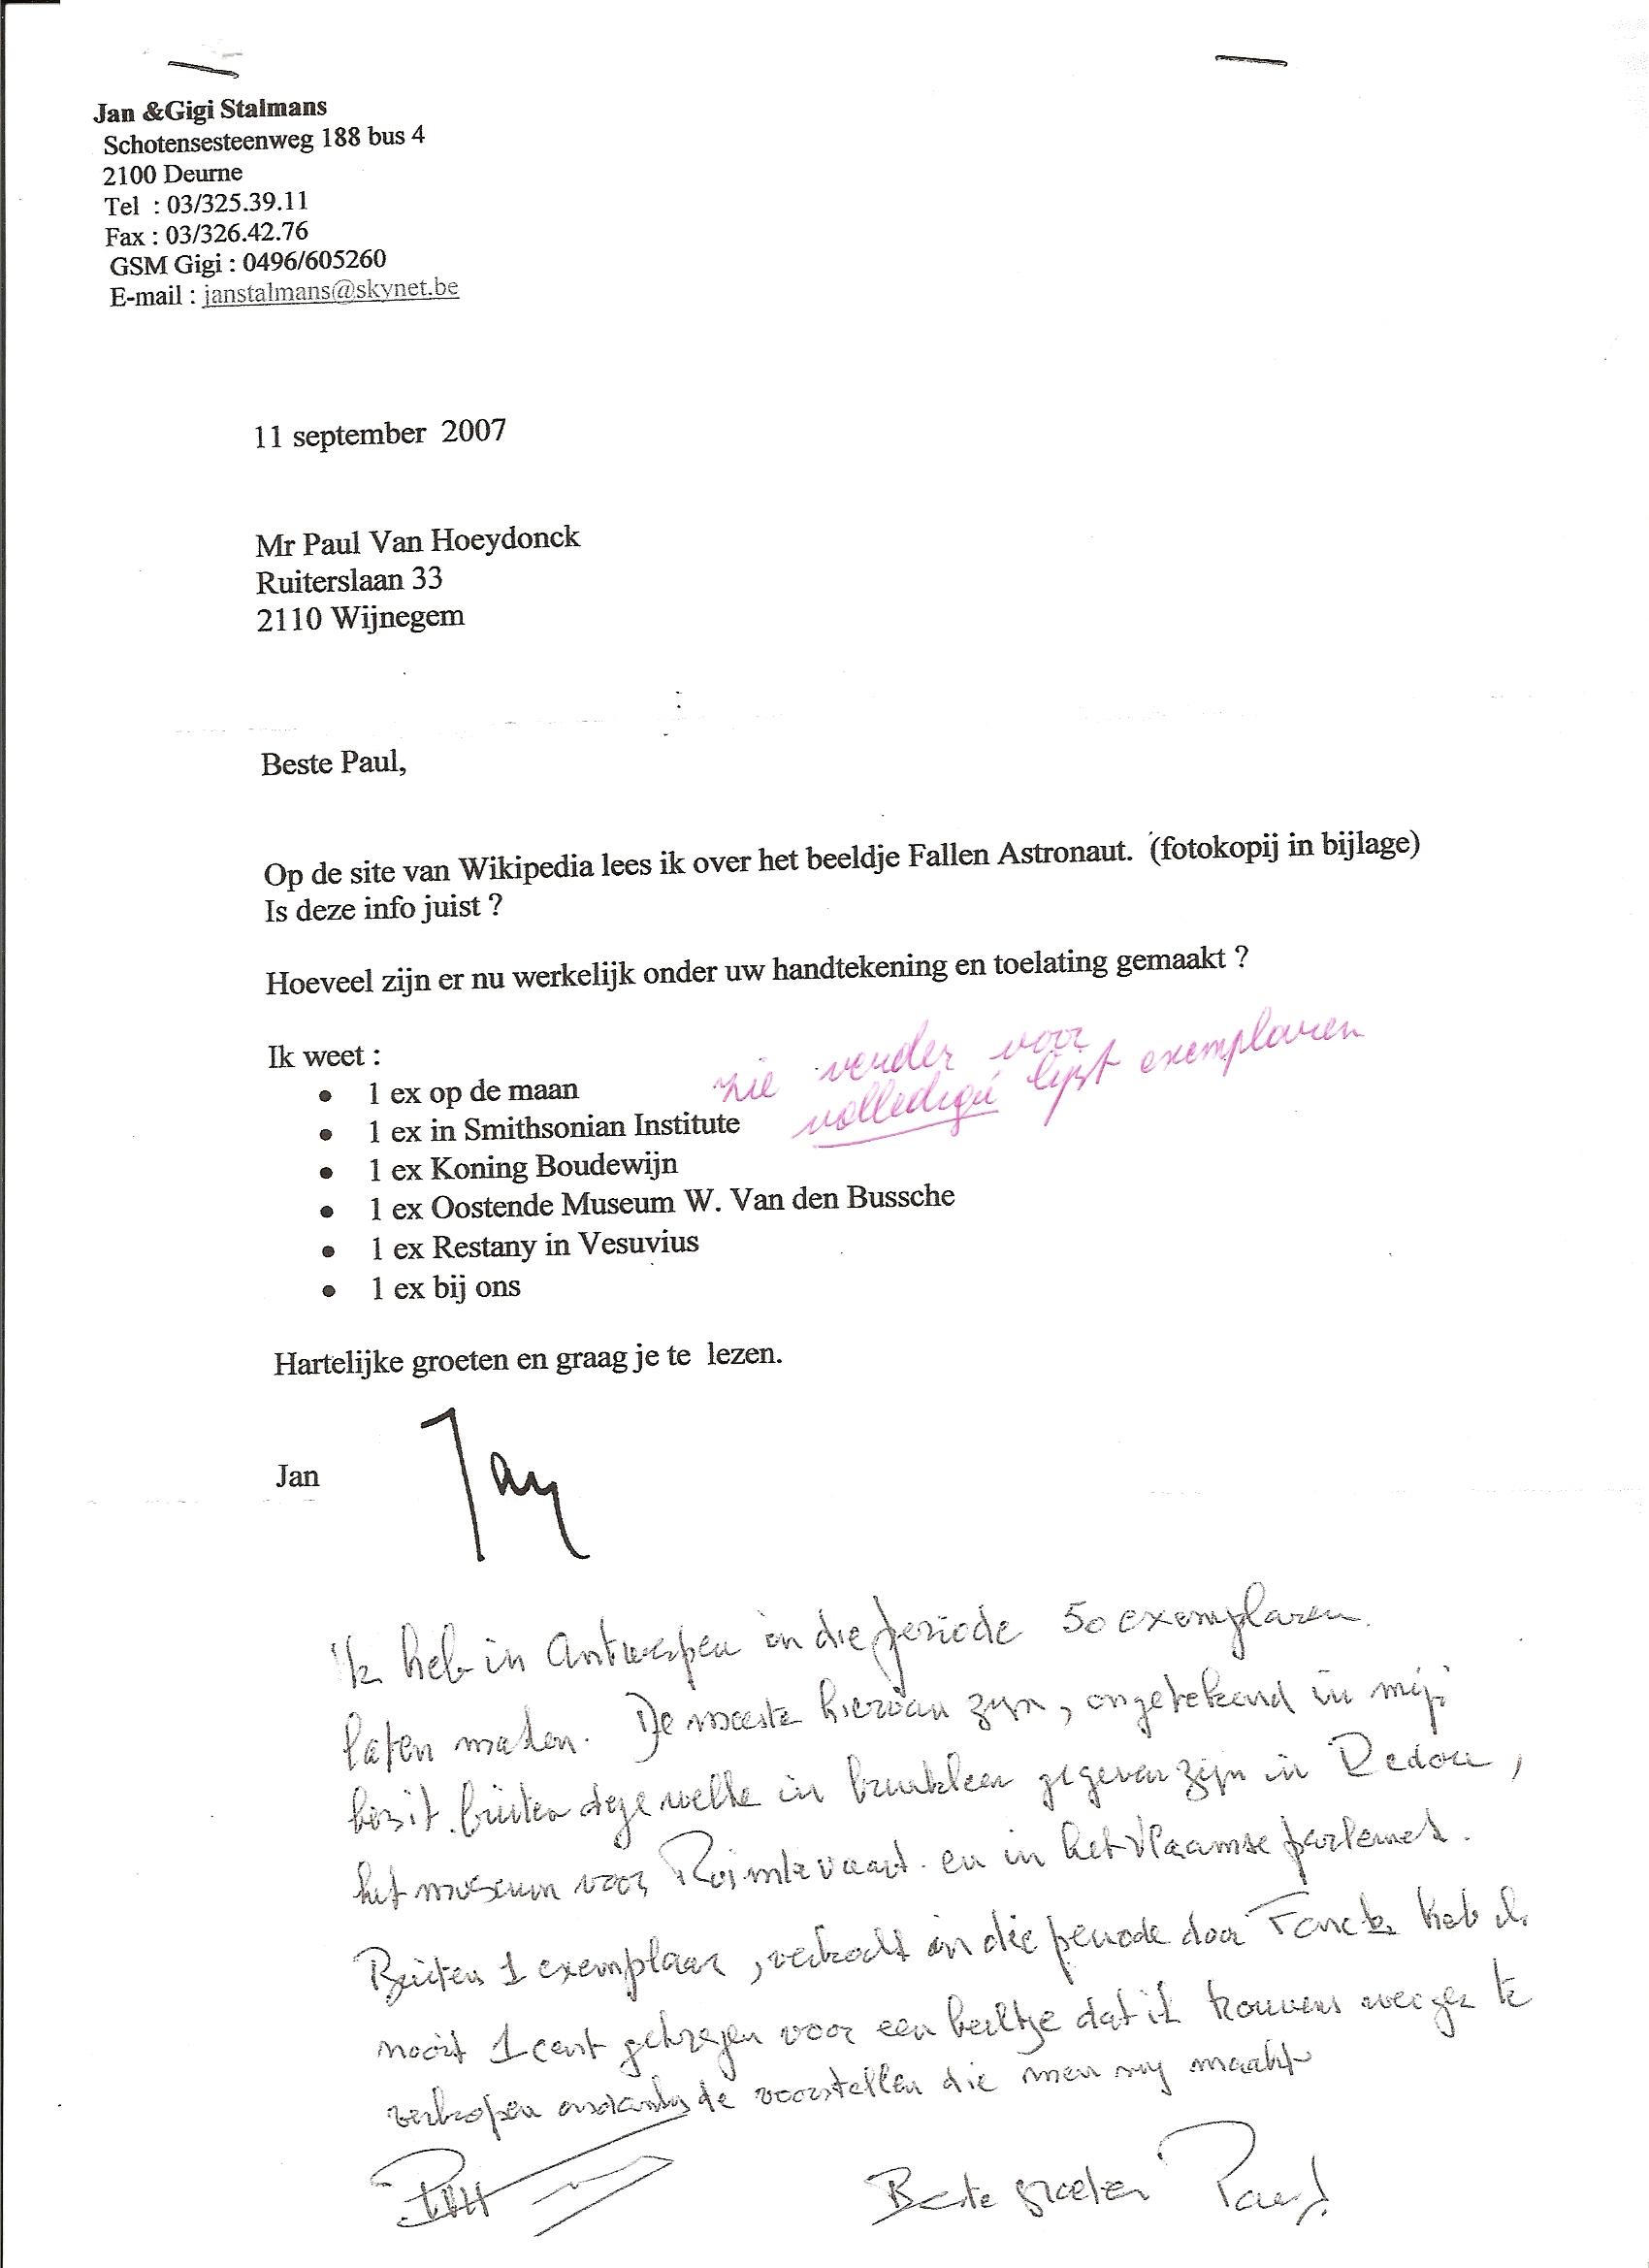 File:Brief Jan Stalmans - Paul Van Hoeydonck 11-09-2007.jpg ...